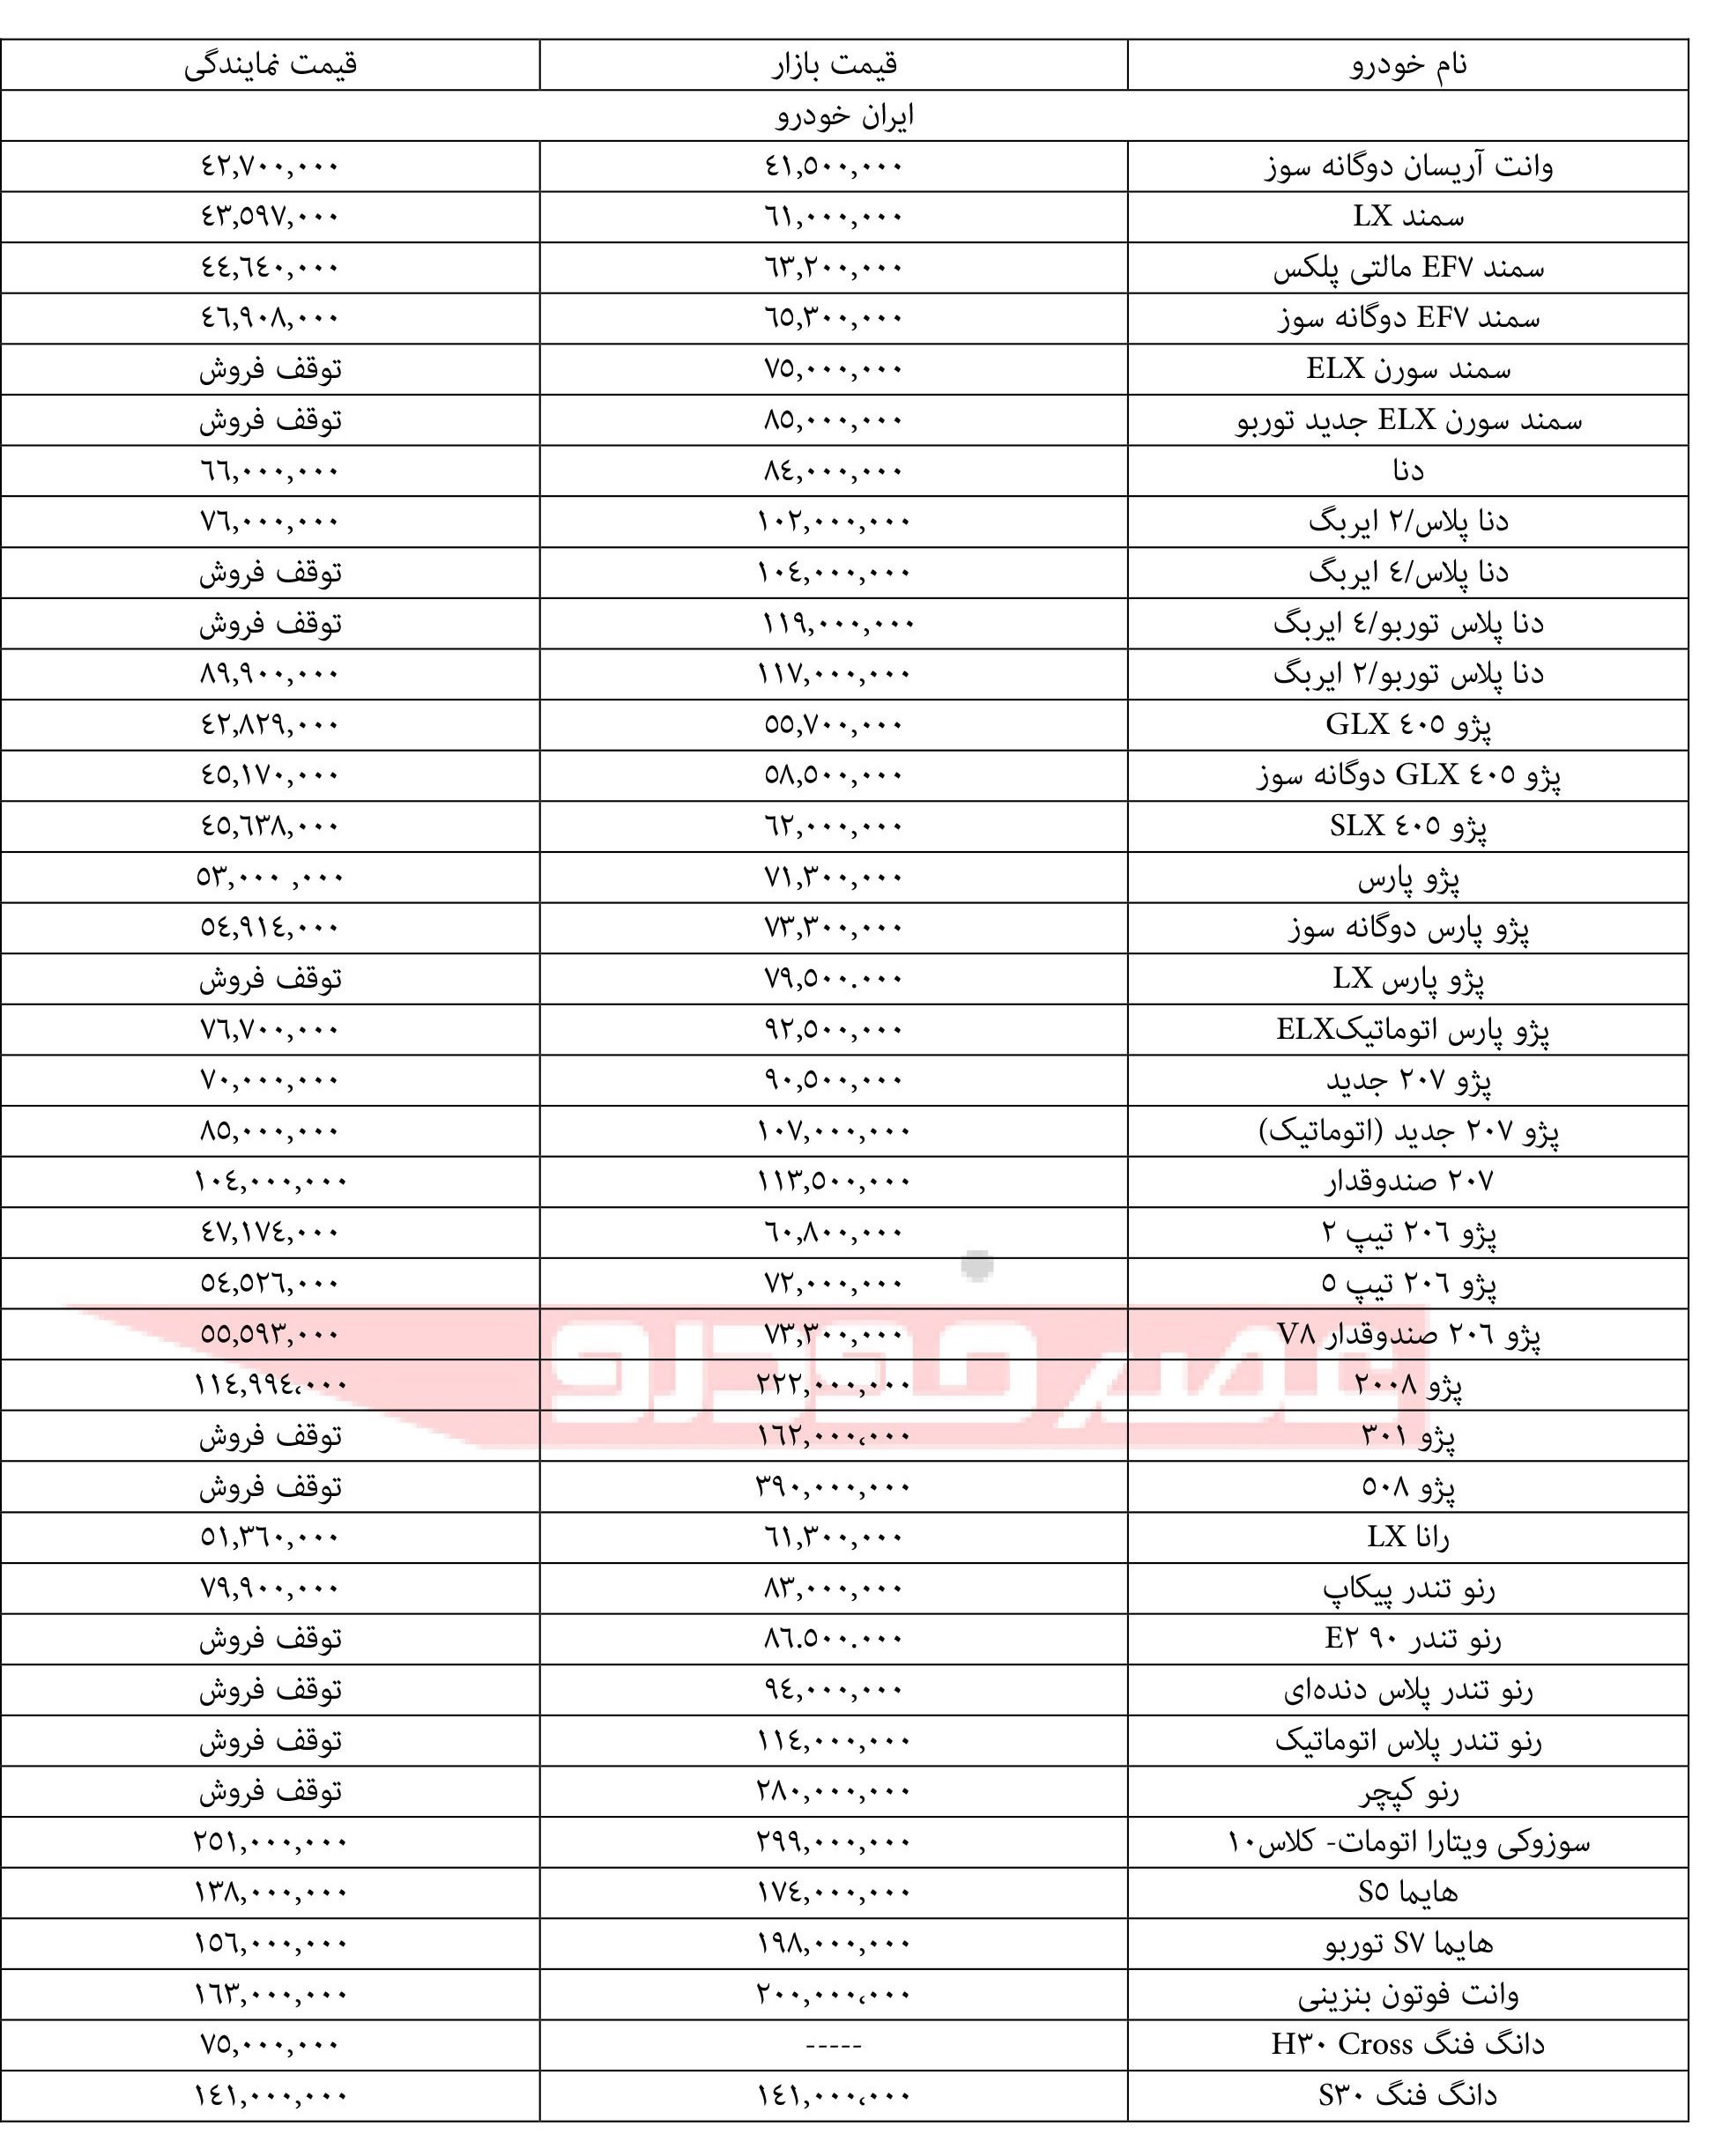 اختلاف قیمت بازار با نمایندگی محصولات ایران خودرو برای 7 بهمن ماه